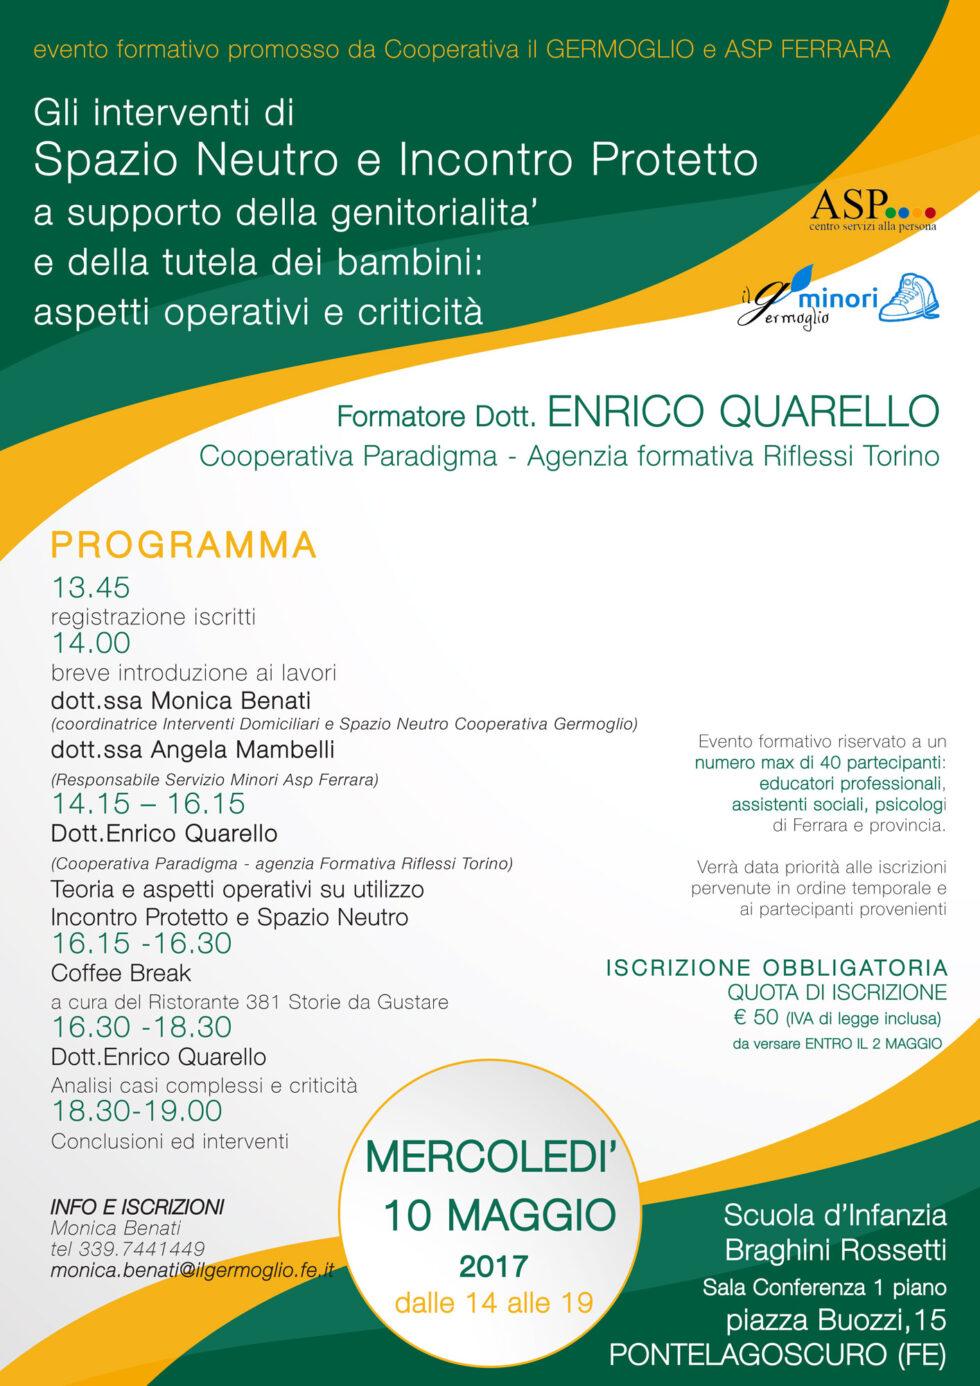 Un evento formativo promosso dal Germoglio e da ASP ...